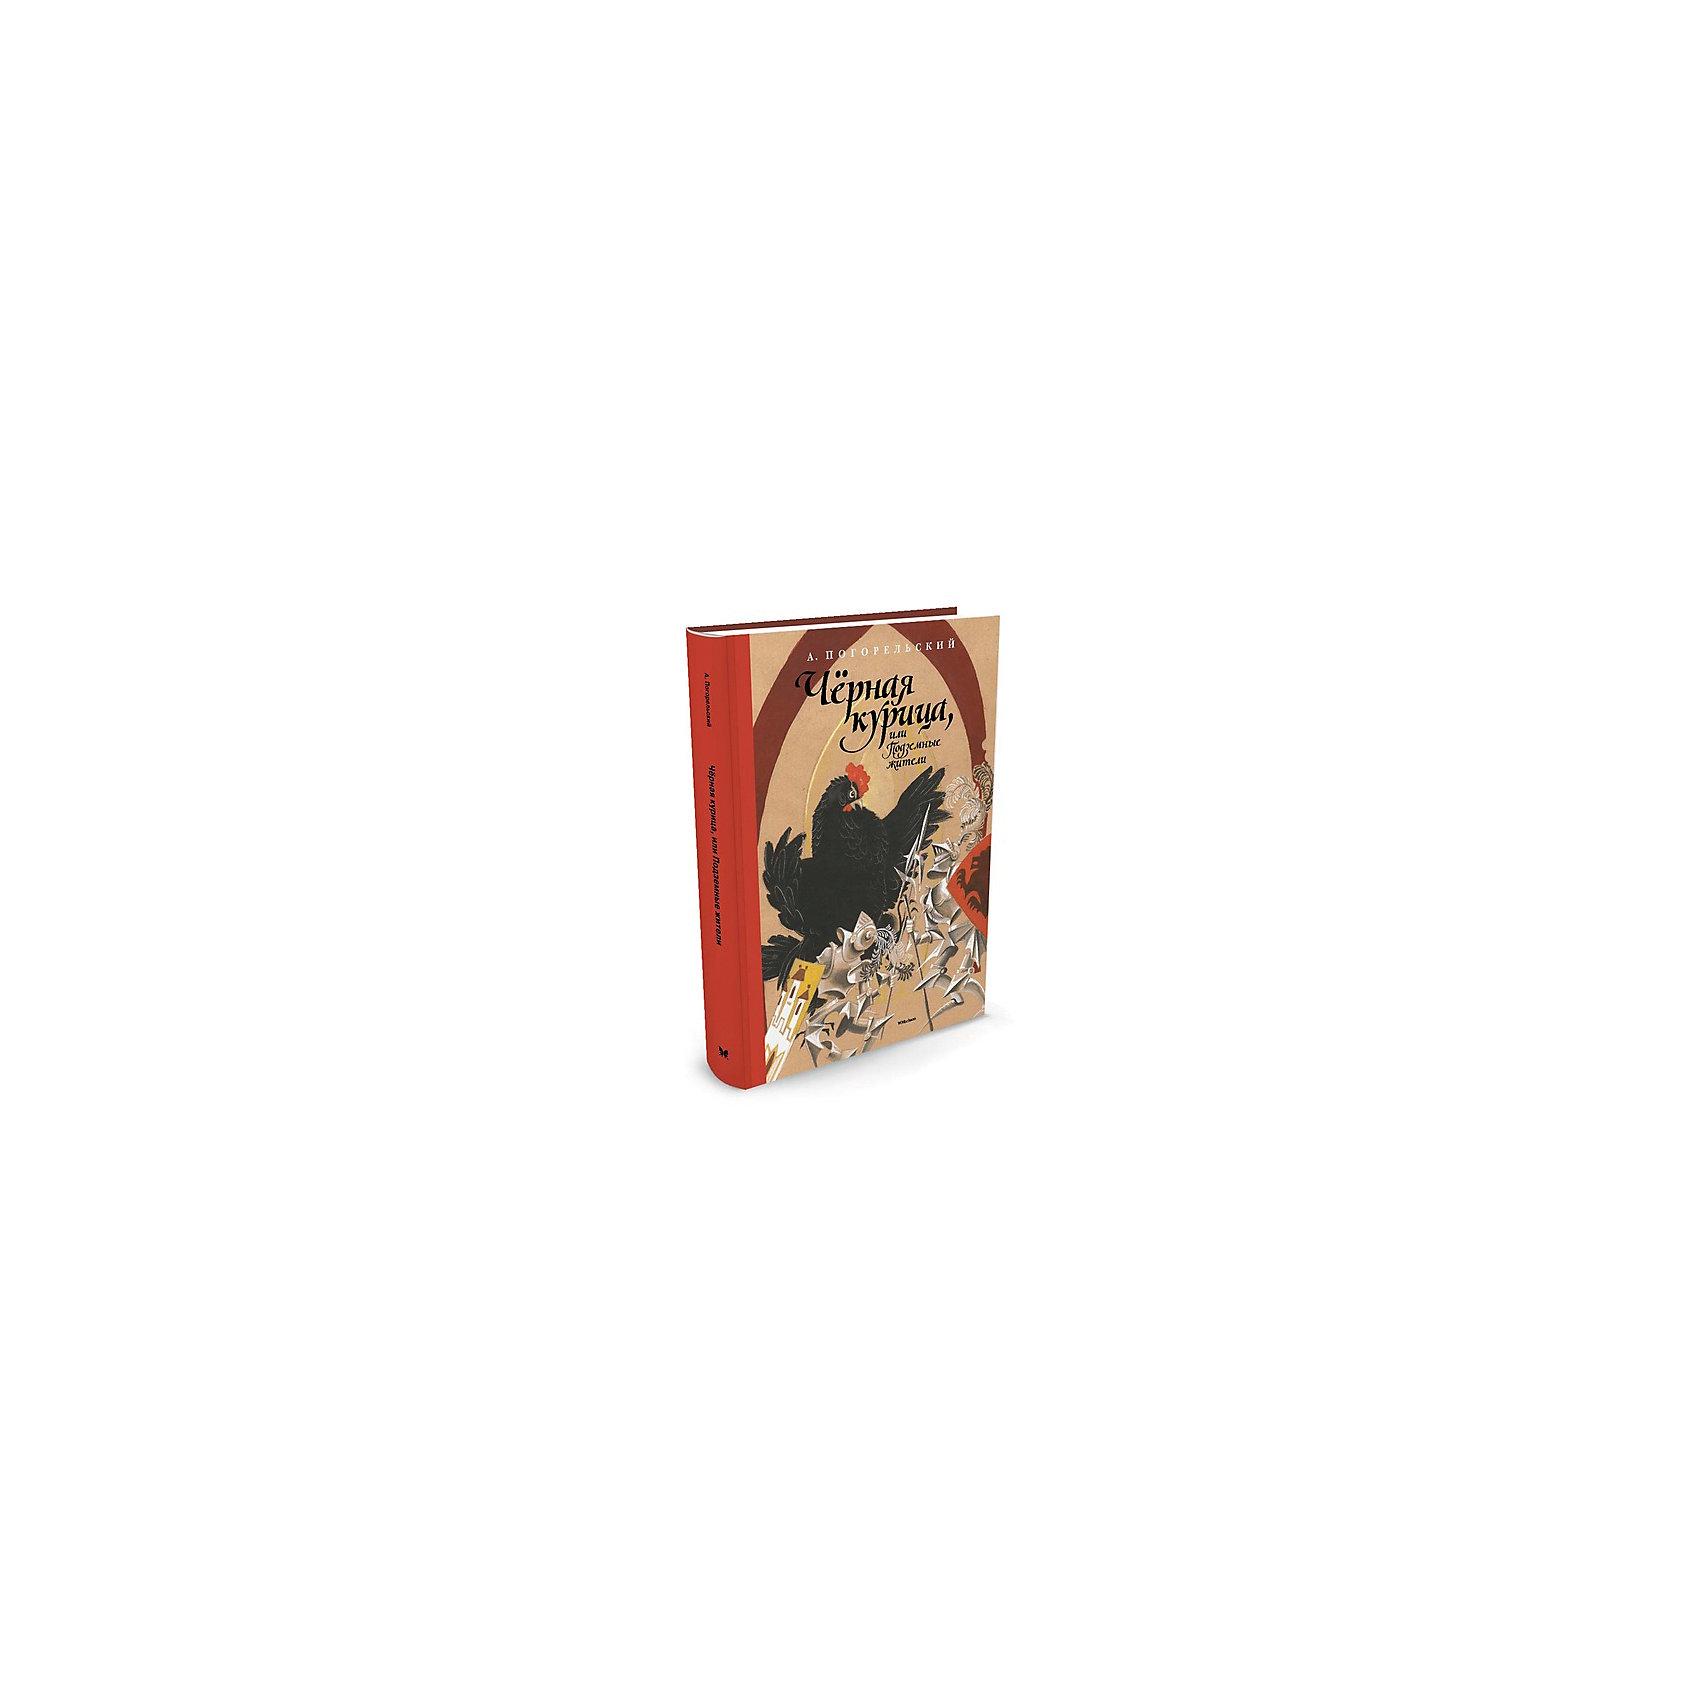 """Чёрная курица, или Подземные жители, MACHAONСказки<br>Сказка Чёрная курица, или Подземные жители.<br><br>Характеристики:<br><br>• Для детей в возрасте: от 11 до 14 лет<br>• Автор: Антоний Погорельский (Алексей Перовский)<br>• Иллюстратор: Ника Гольц<br>• Издательство: Азбука-Аттикус, Махаон, 2016 год<br>• Тип обложки: 7Б - твердая (плотная бумага или картон)<br>• Оформление: с тканевым корешком<br>• Иллюстрации: цветные<br>• Количество страниц: 56<br>• Размер: 262х203х9 мм.<br>• Вес: 377 гр.<br>• ISBN: 9785389122918<br><br>Антоний Погорельский, настоящее имя которого Алексей Алексеевич Перовский, написал волшебную сказку «Чёрная курица, или Подземные жители» для своего племянника Алёши Толстого — будущего поэта и писателя, автора знаменитого «Князя Серебряного» и соавтора «Козьмы Пруткова». Написанная более 150 лет назад, «Чёрная курица» давно стала классикой детской литературы, сказкой, которую в России знают и любят с самого детства. Юные читатели, увлекаемые вначале только волшебством сюжета, в конце повествования получают бесценный урок: пройдя вместе с Алёшей духовное испытание, они начинают осознавать ценности добра, правды и трудолюбия. Высокий нравственный смысл этой сказки очень точно передала в своих иллюстрациях Ника Георгиевна Гольц — непревзойдённый мастер книжной иллюстрации, заслуженный художник России, обладатель Почётного диплома Международной премии по детской литературе имени Х.К. Андерсена. По признанию художницы, «Чёрная курица» Погорельского была самой большой её гордостью. «Эту сказку не издавали в Советском Союзе после войны и тем более не иллюстрировали, – вспоминала Ника Гольц. – Она была забыта. Я убедила издательство её напечатать. Так """"Чёрная курица"""" получила вторую жизнь. Уже после её издавали с иллюстрациями многих других художников, но первая была моя!»<br><br>Книгу Сказка Чёрная курица, или Подземные жители можно купить в нашем интернет-магазине.<br><br>Ширина мм: 262<br>Глубина мм: 203<br>Высота мм: 90<br>Вес г: 377<br>Возраст от ме"""